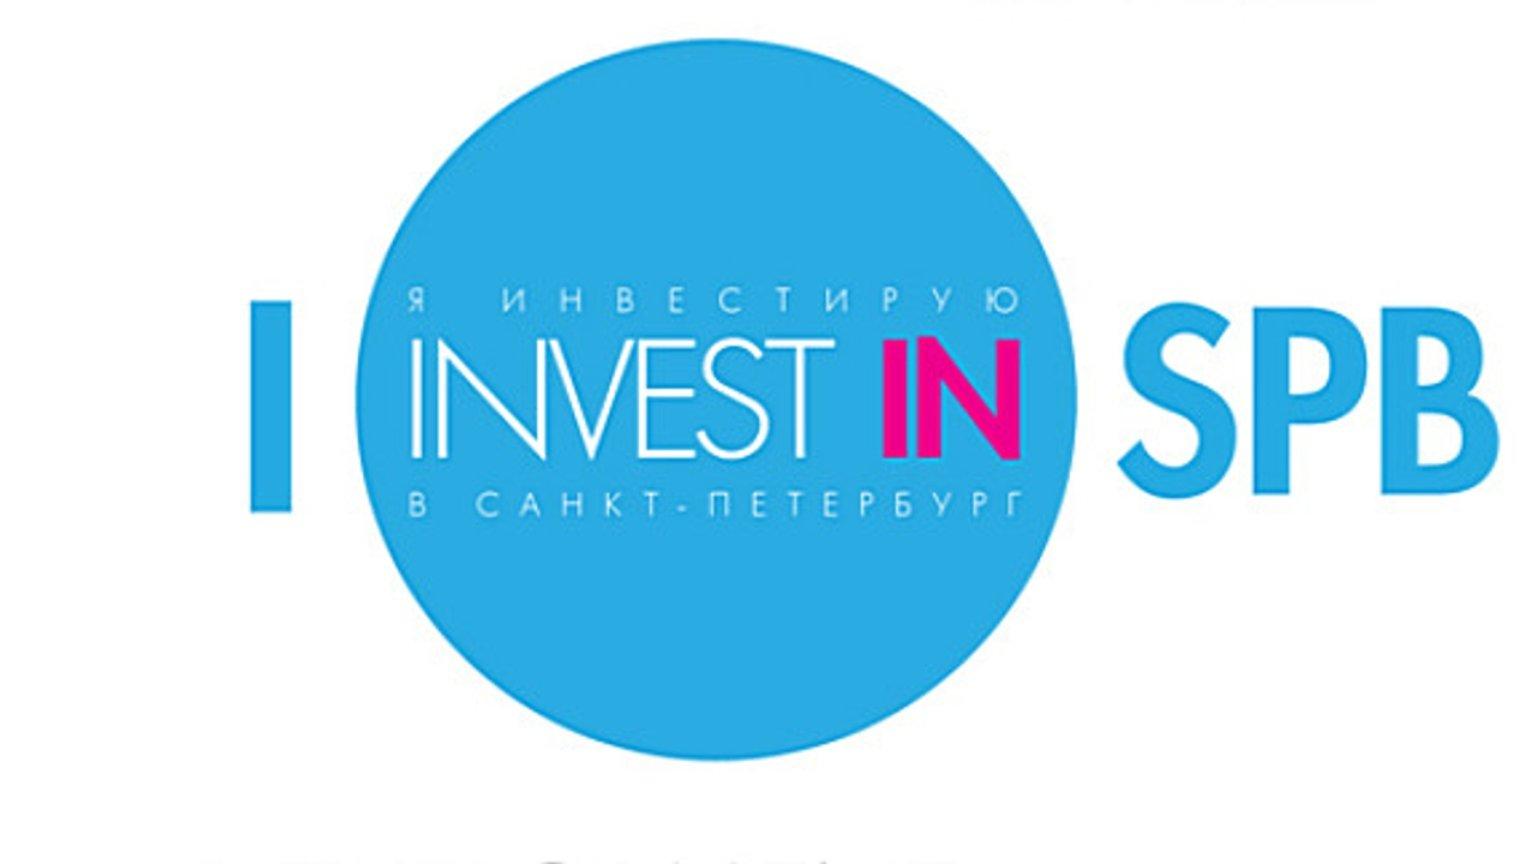 Приглашаем предпринимателей принять участие в опросе об условиях ведения бизнеса в Санкт-Петербурге